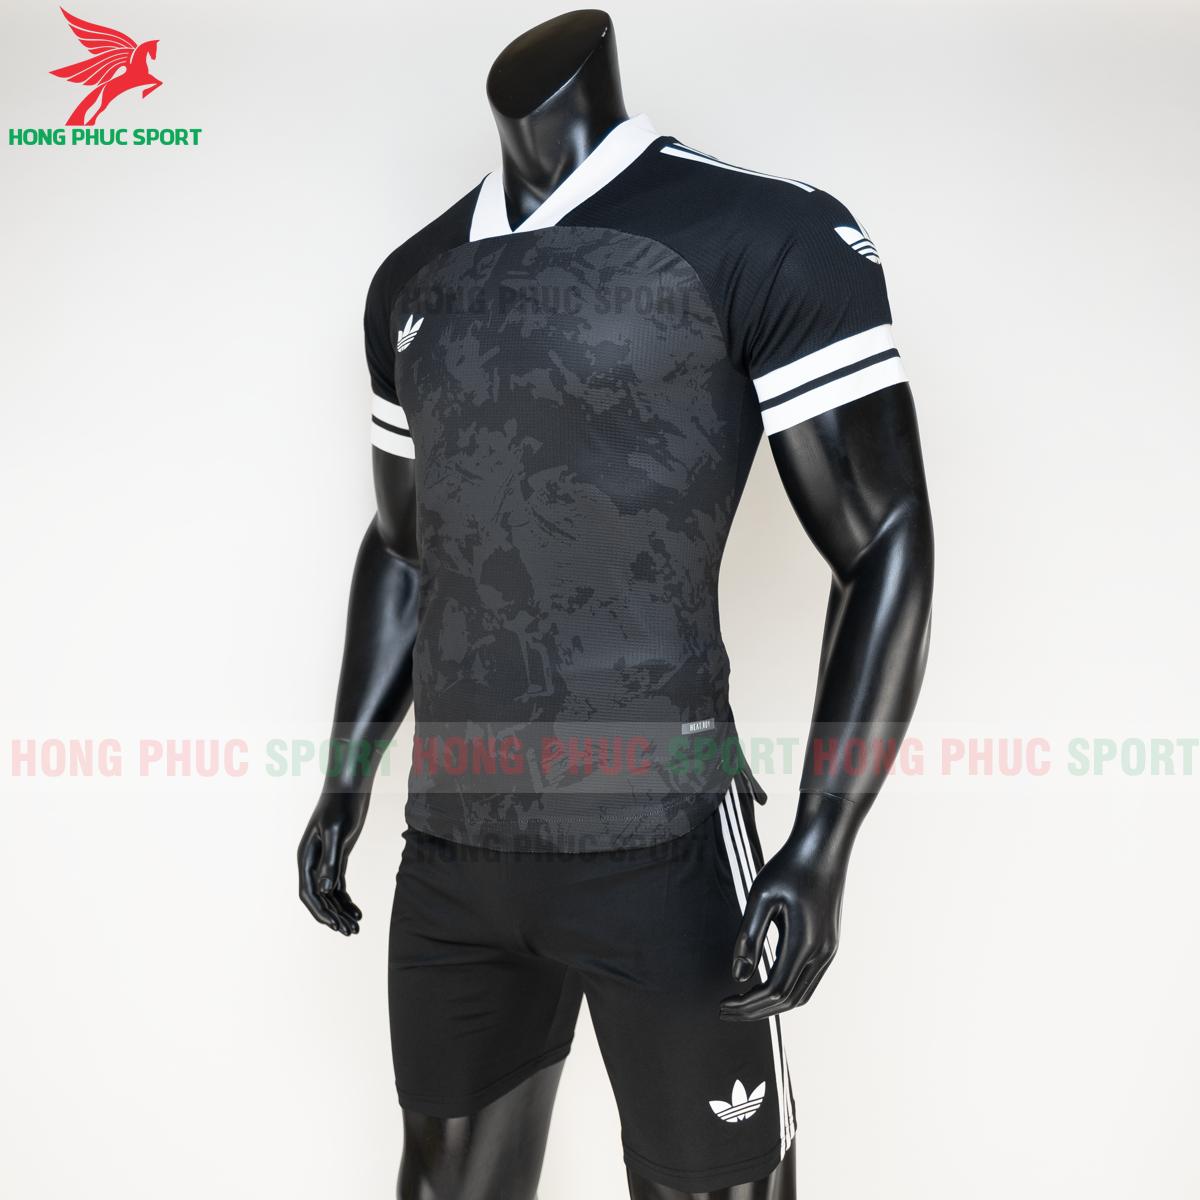 Áo đá banh không logo Condivo ba lá Adidas 2020 2021 mẫu 3 (trái)